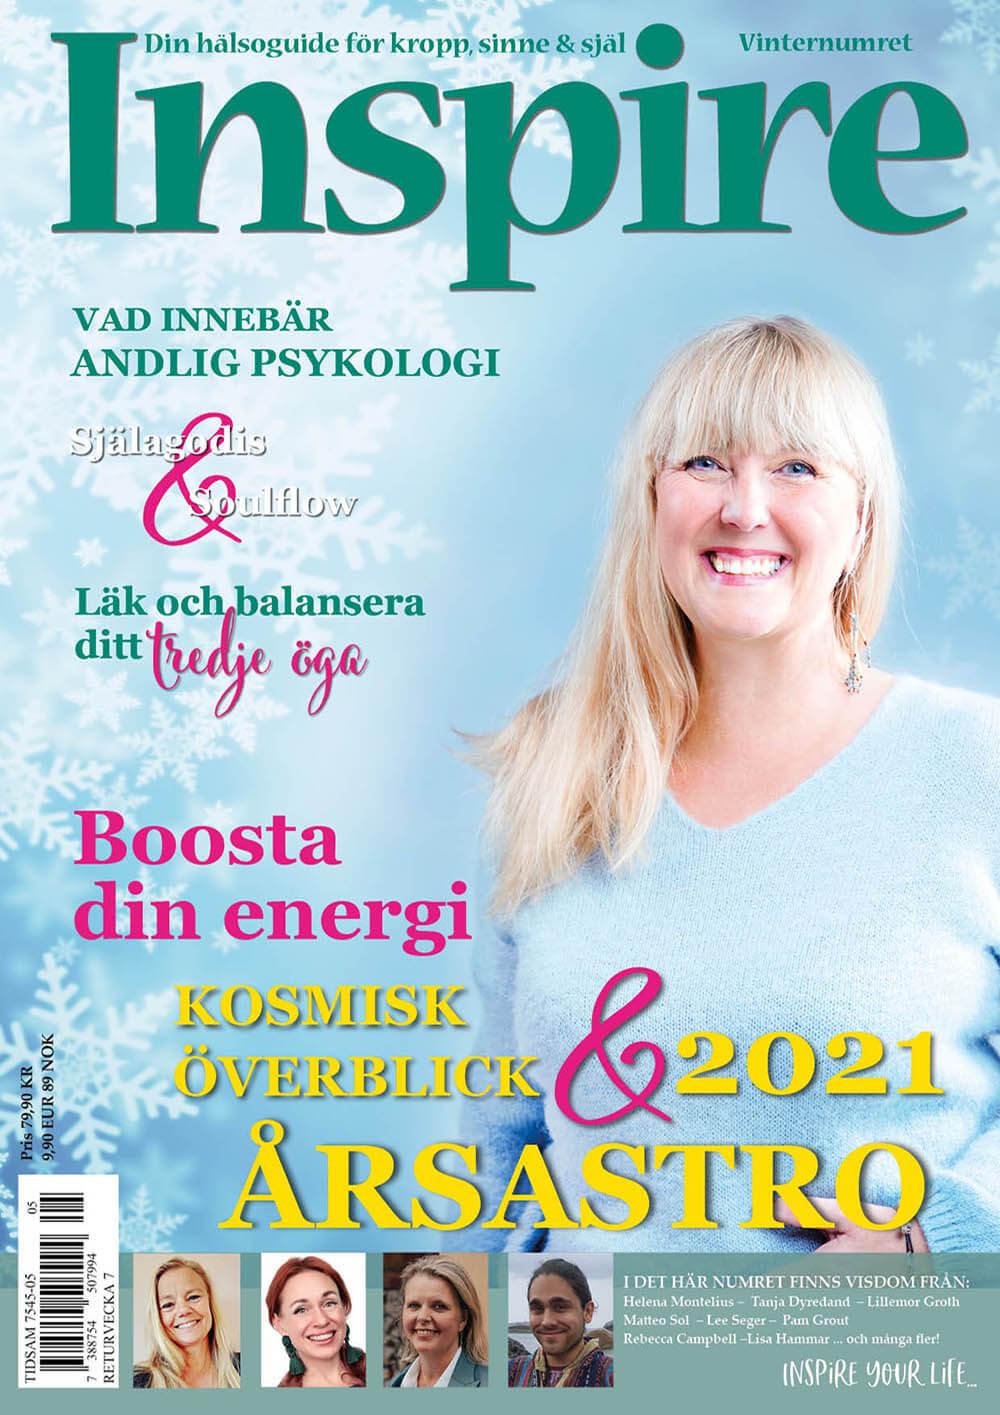 Zoës krönika, Inspire tidningen, december 2020